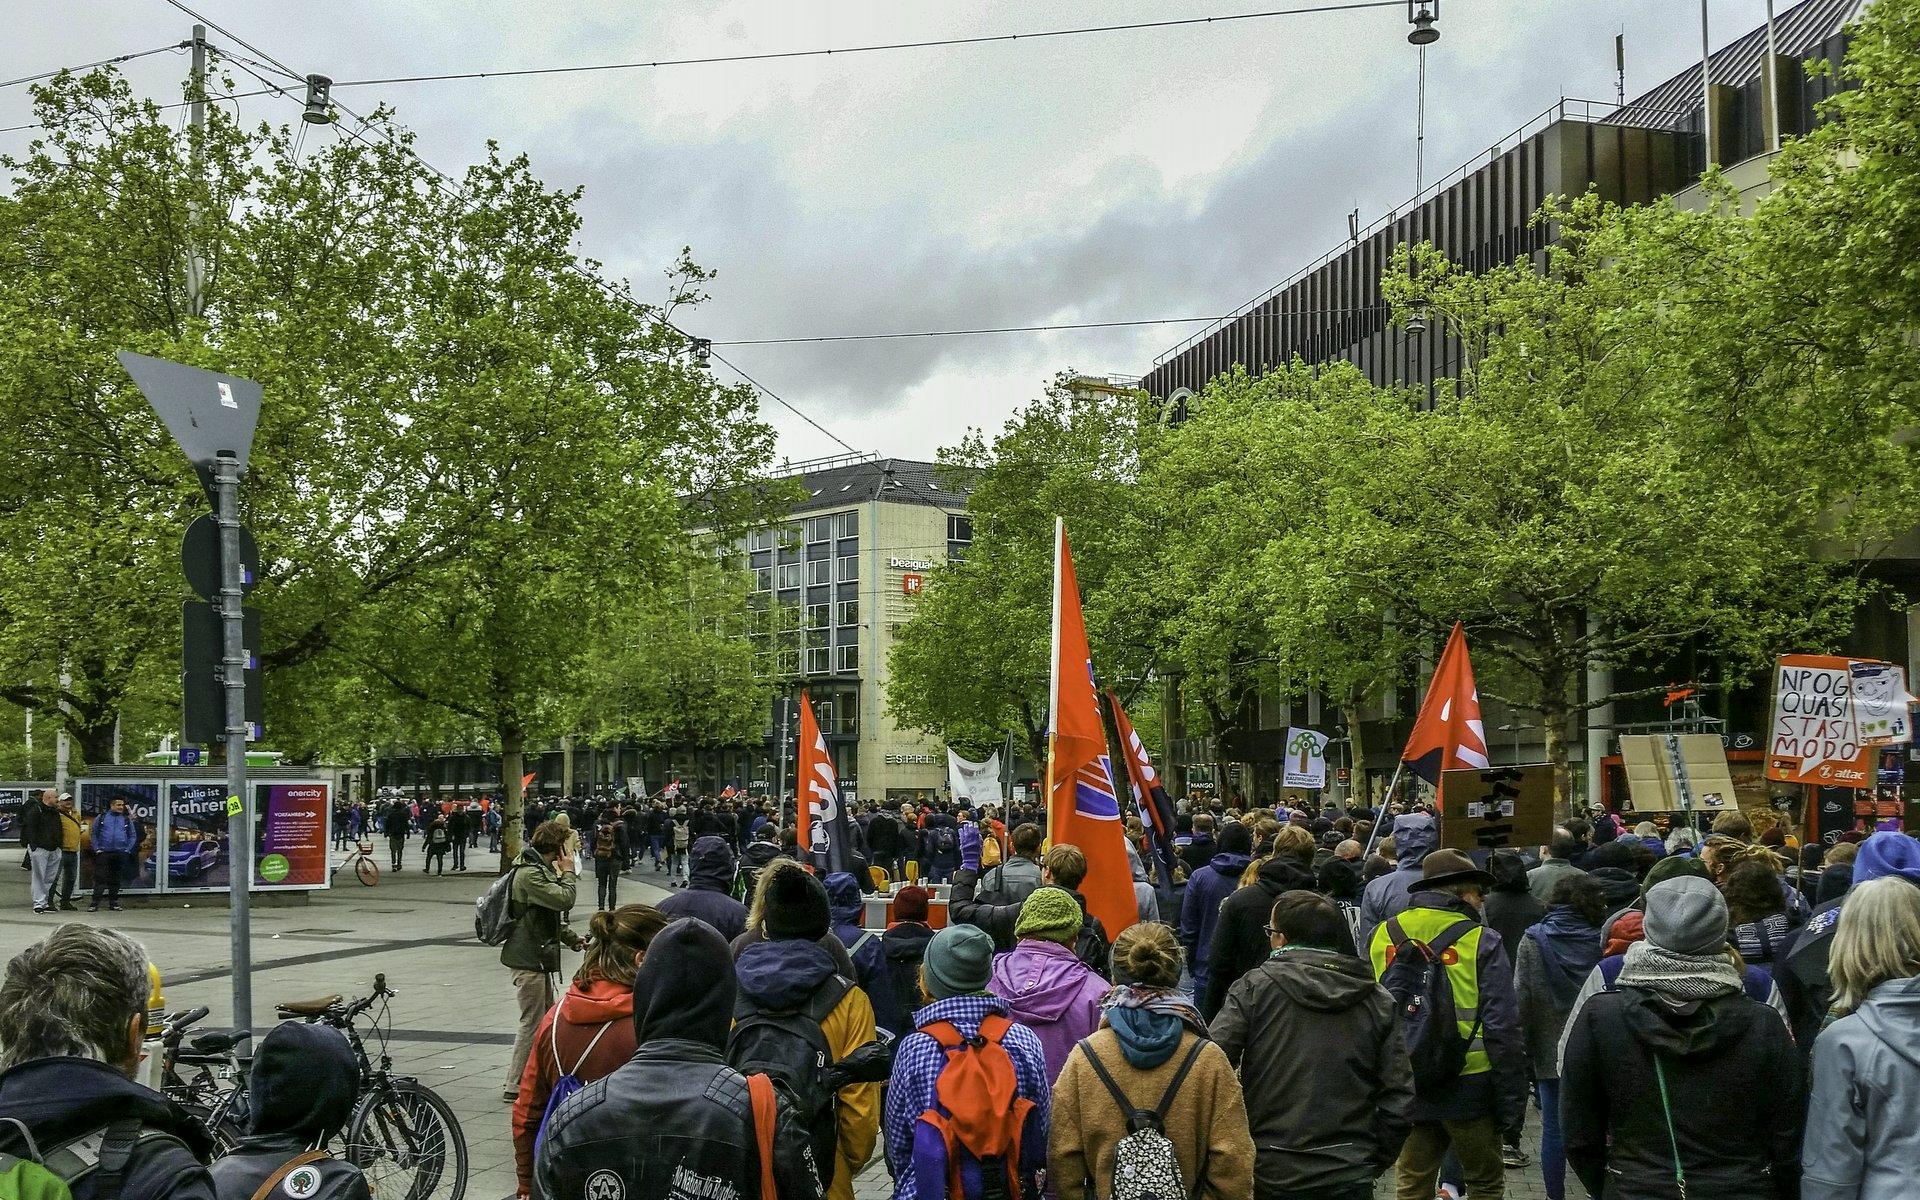 Demozug am Ernst-August-Platz vor dem Bahnhof